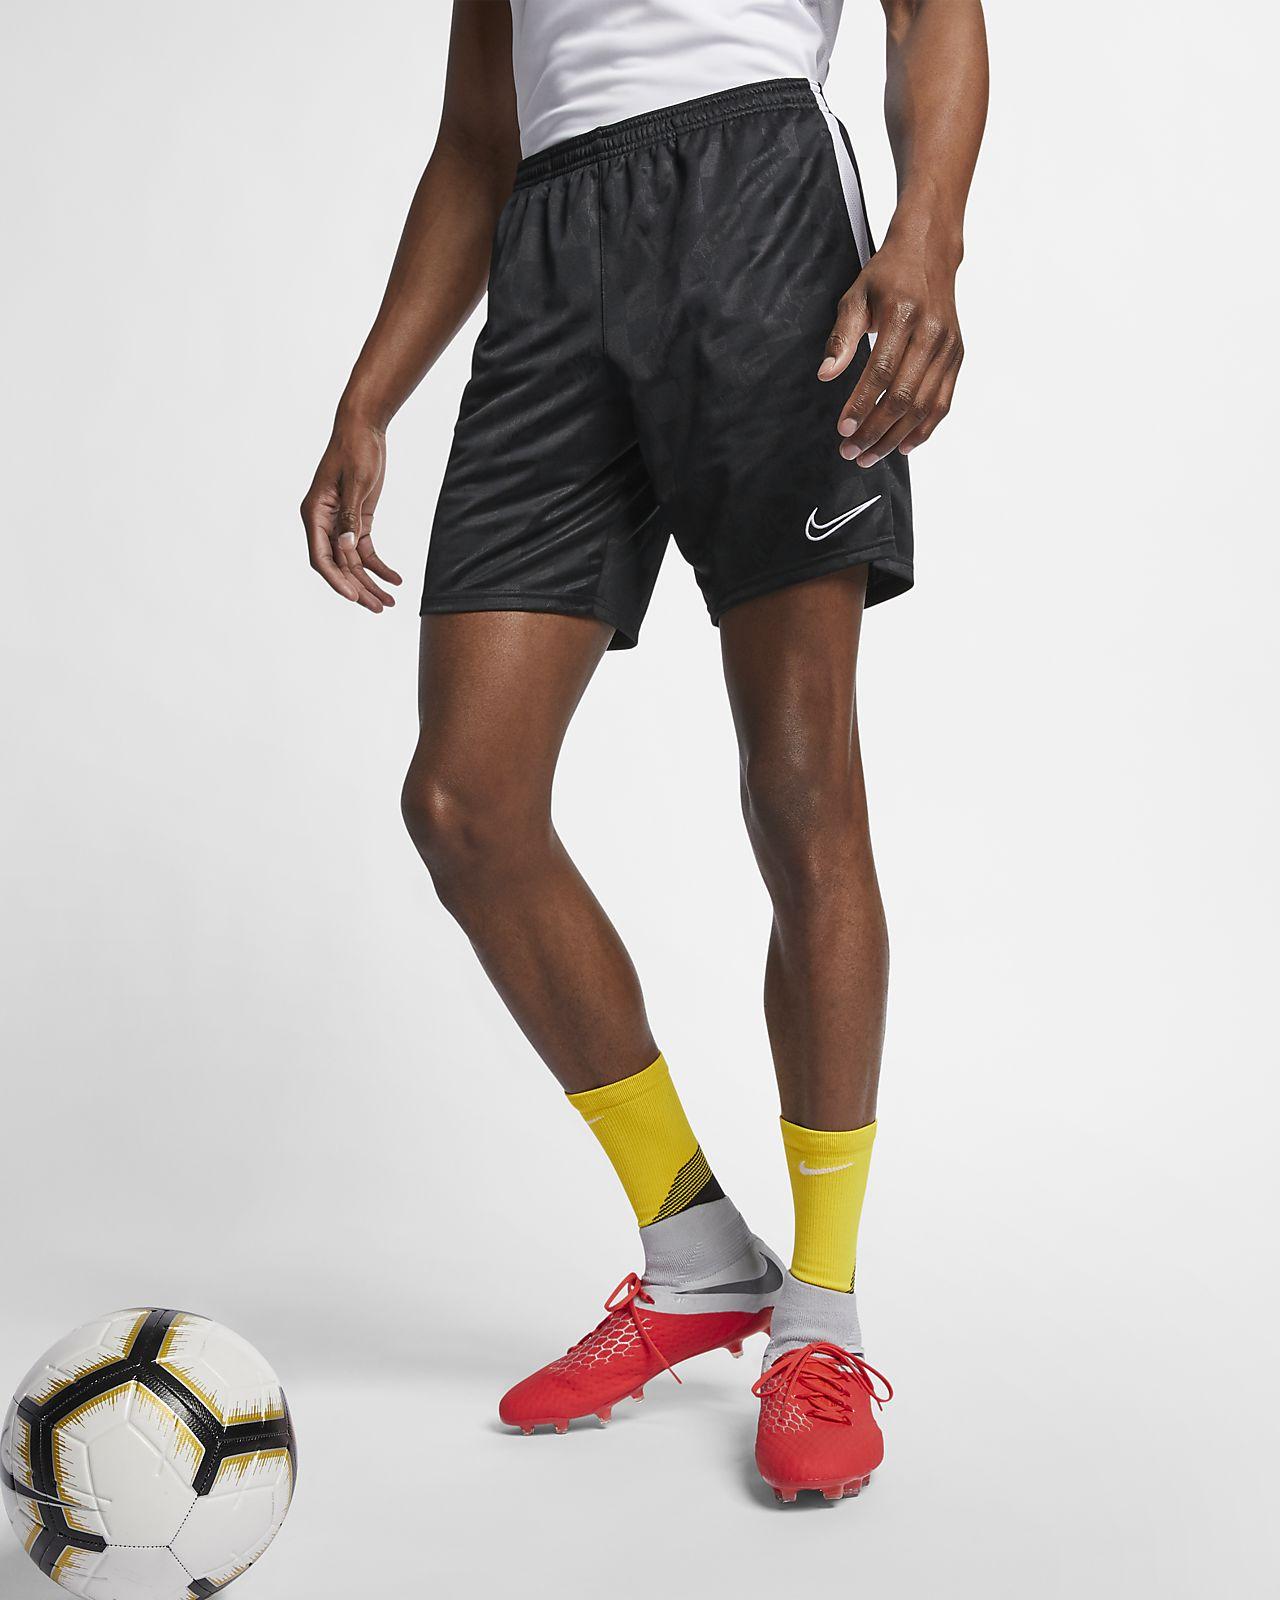 Shorts de fútbol para hombre Nike Breathe Academy